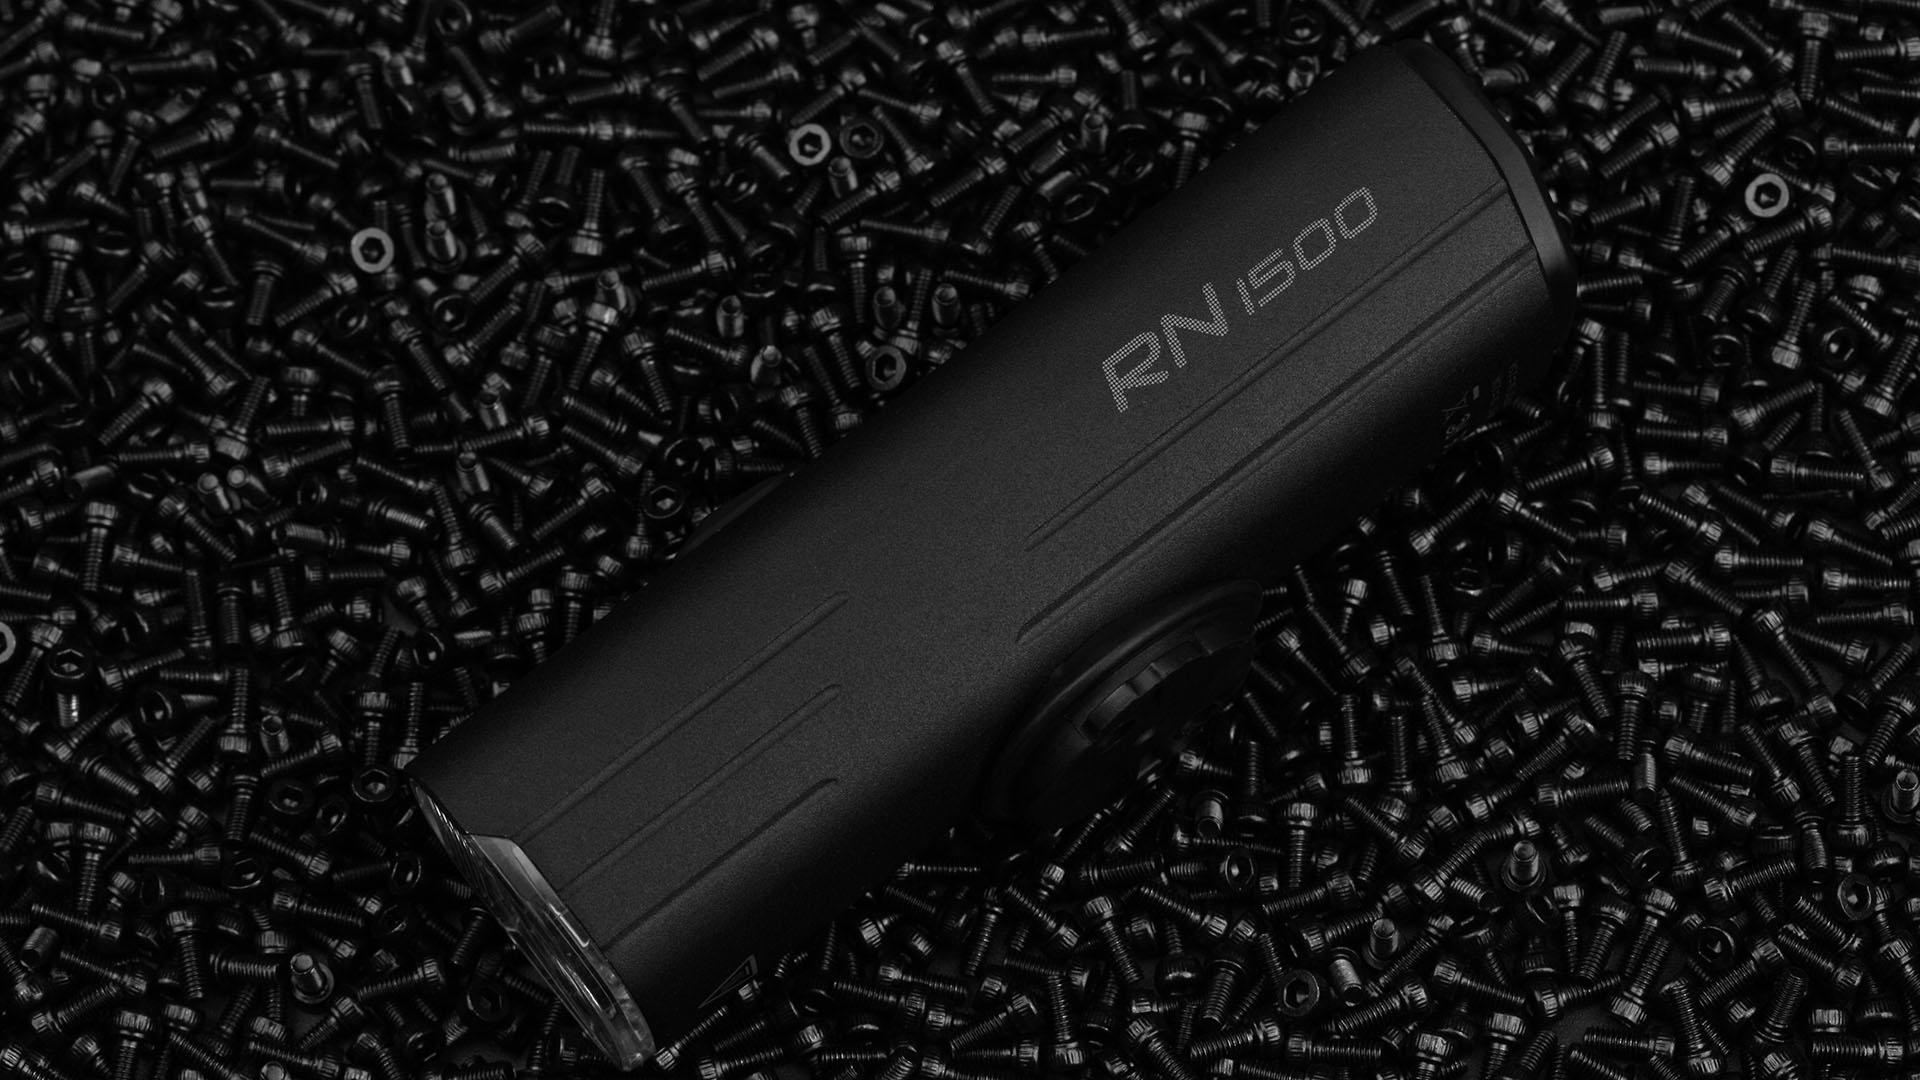 Das Gehäuse der RN 1500 besteht aus widerstandsfähigem Aluminium